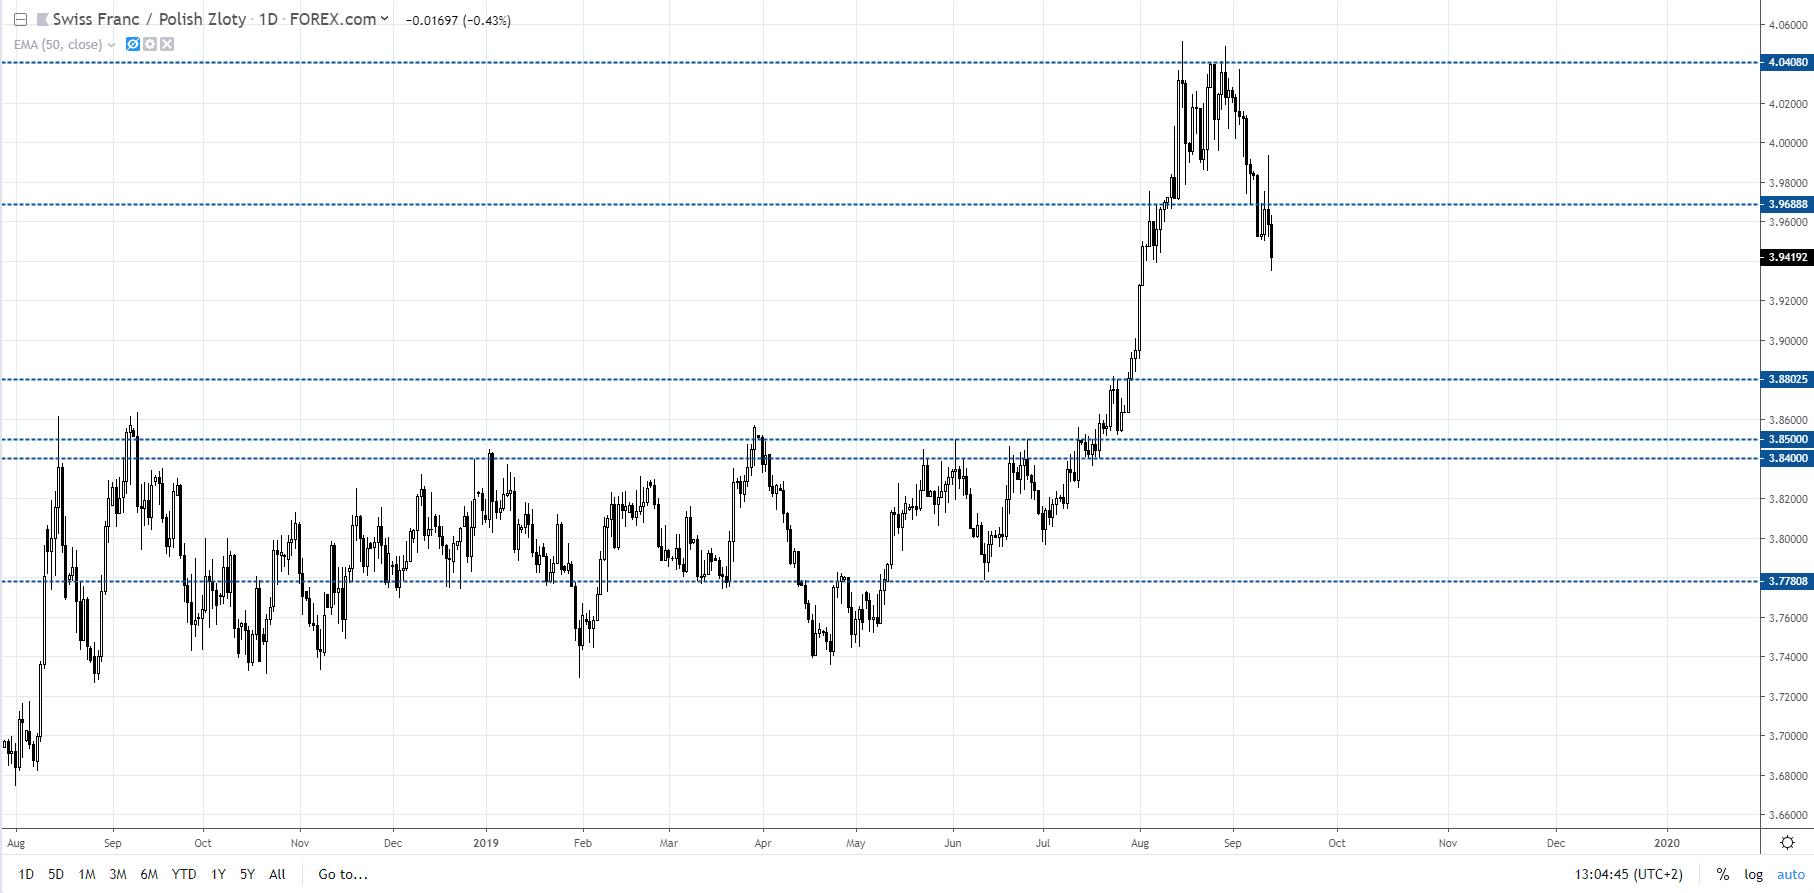 wykres Kurs franka szwajcarskiego do polskiego złotego (CHFPLN), Źródło - TradingView